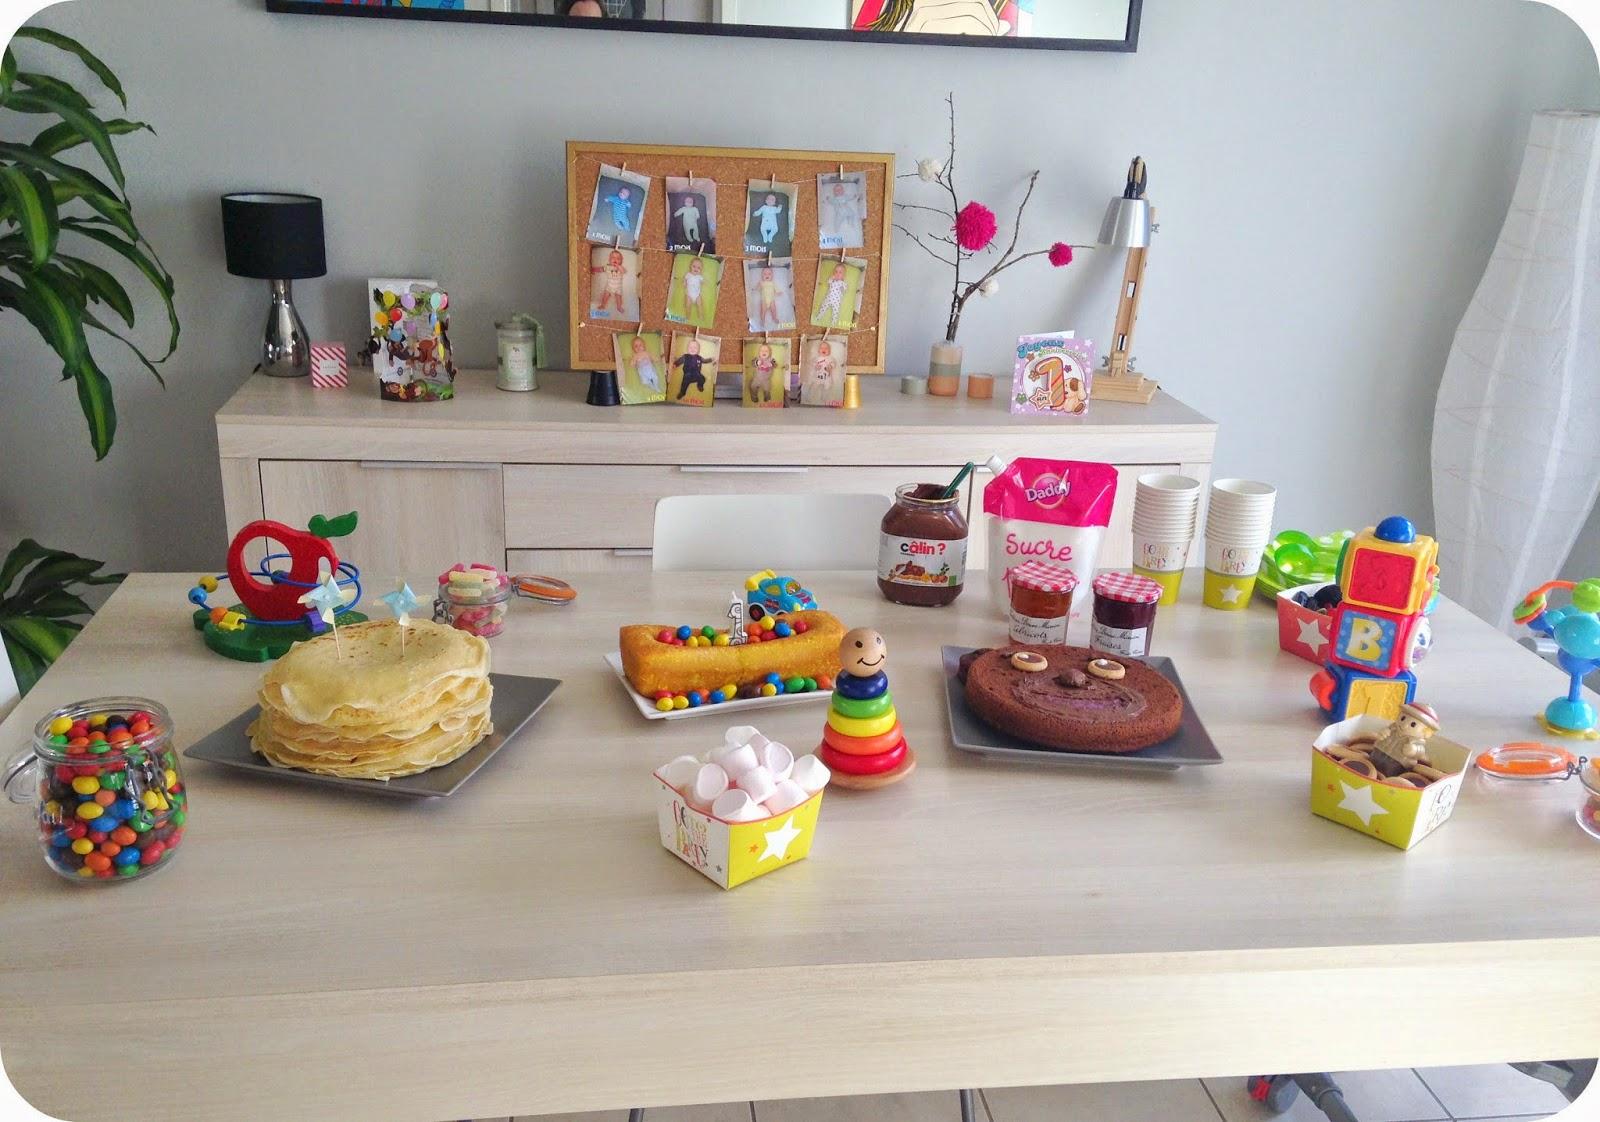 buffet d'anniversaire goûter bébé enfant jouets toys